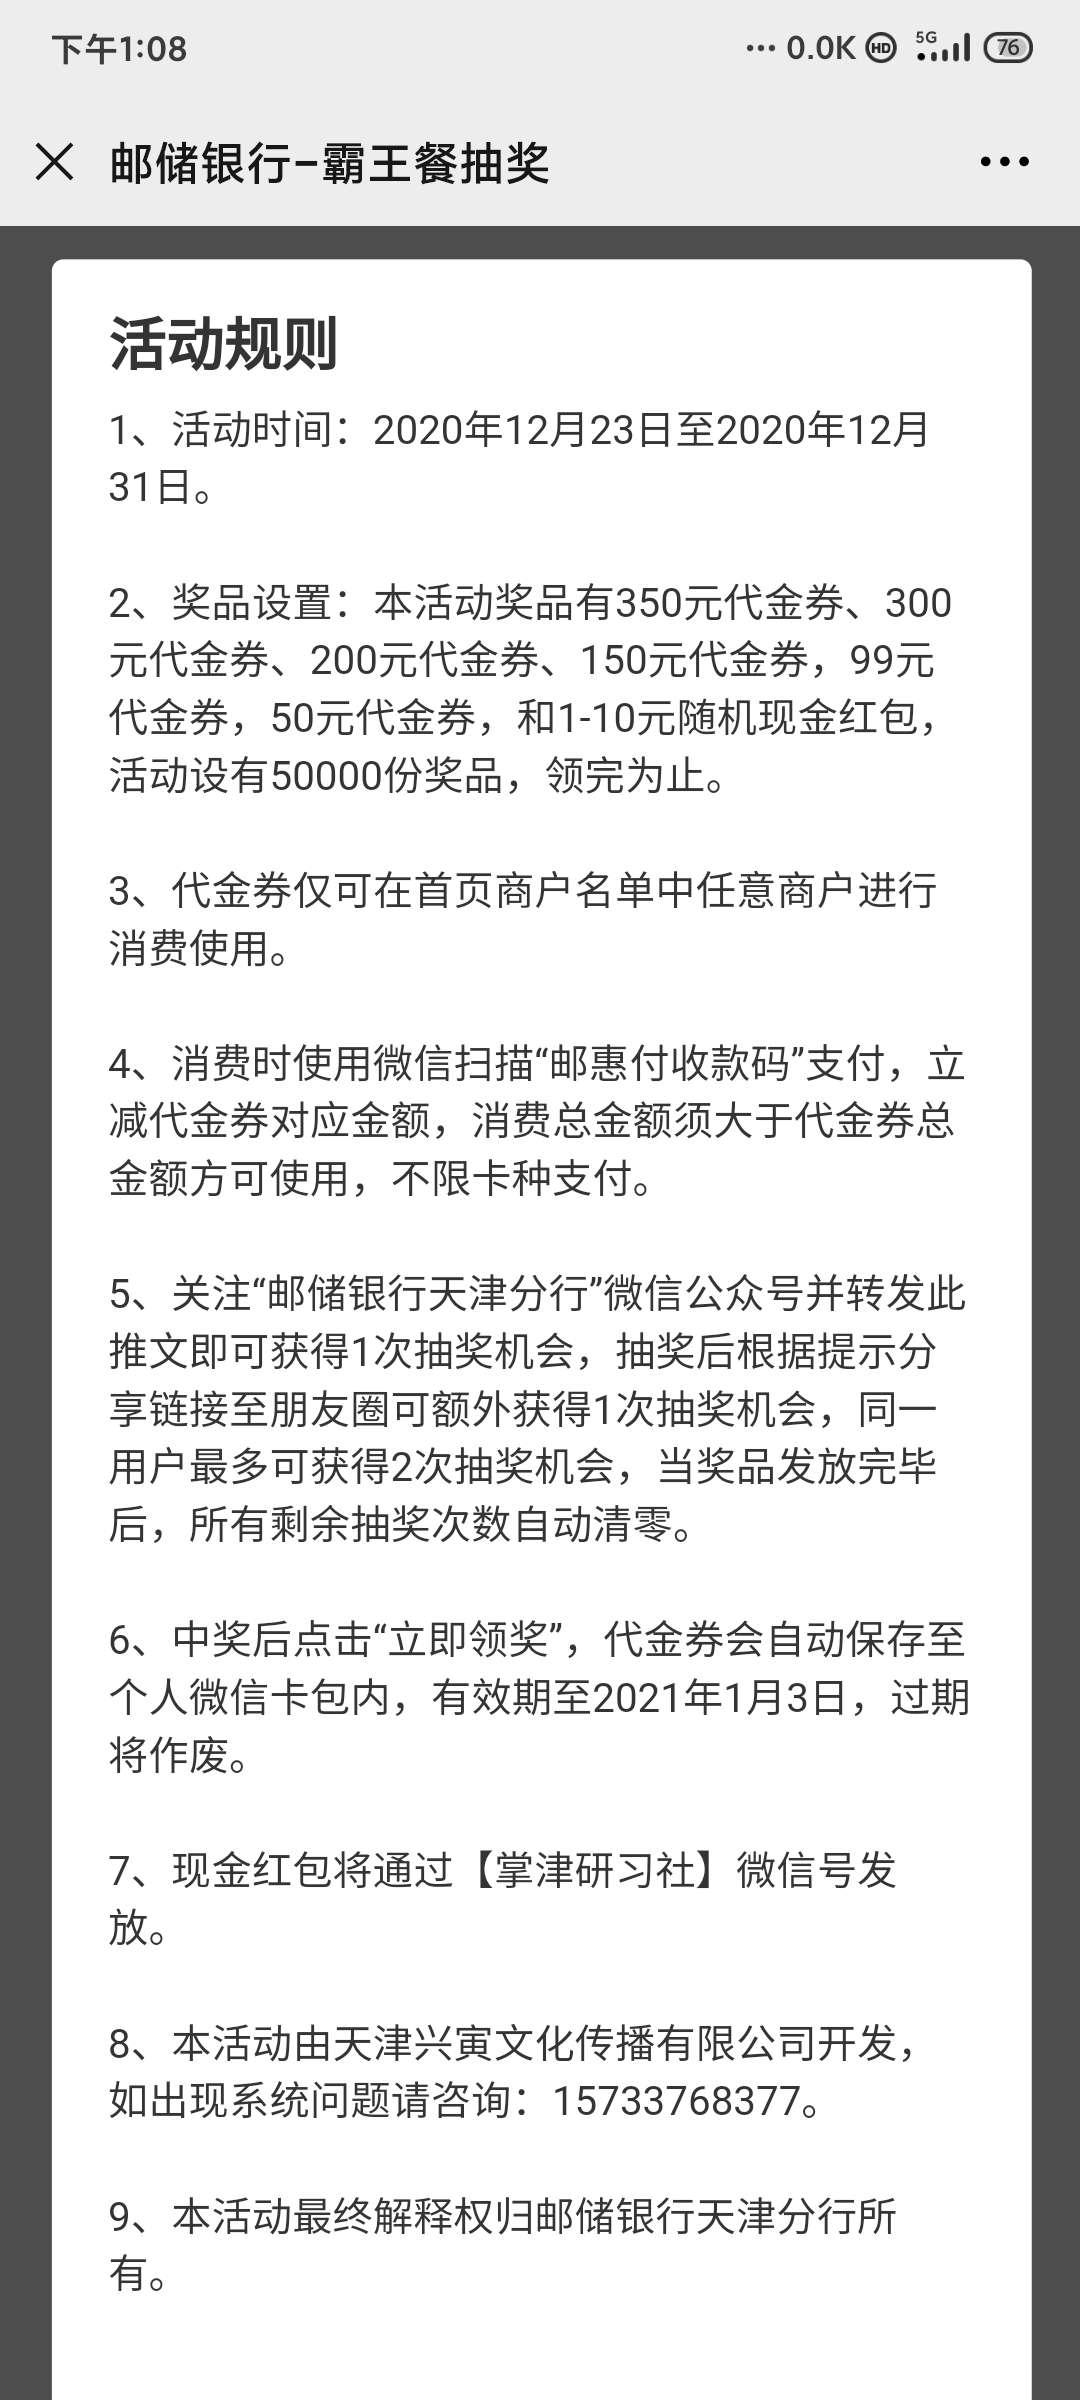 邮储银行天津分行大转盘抽红包插图4